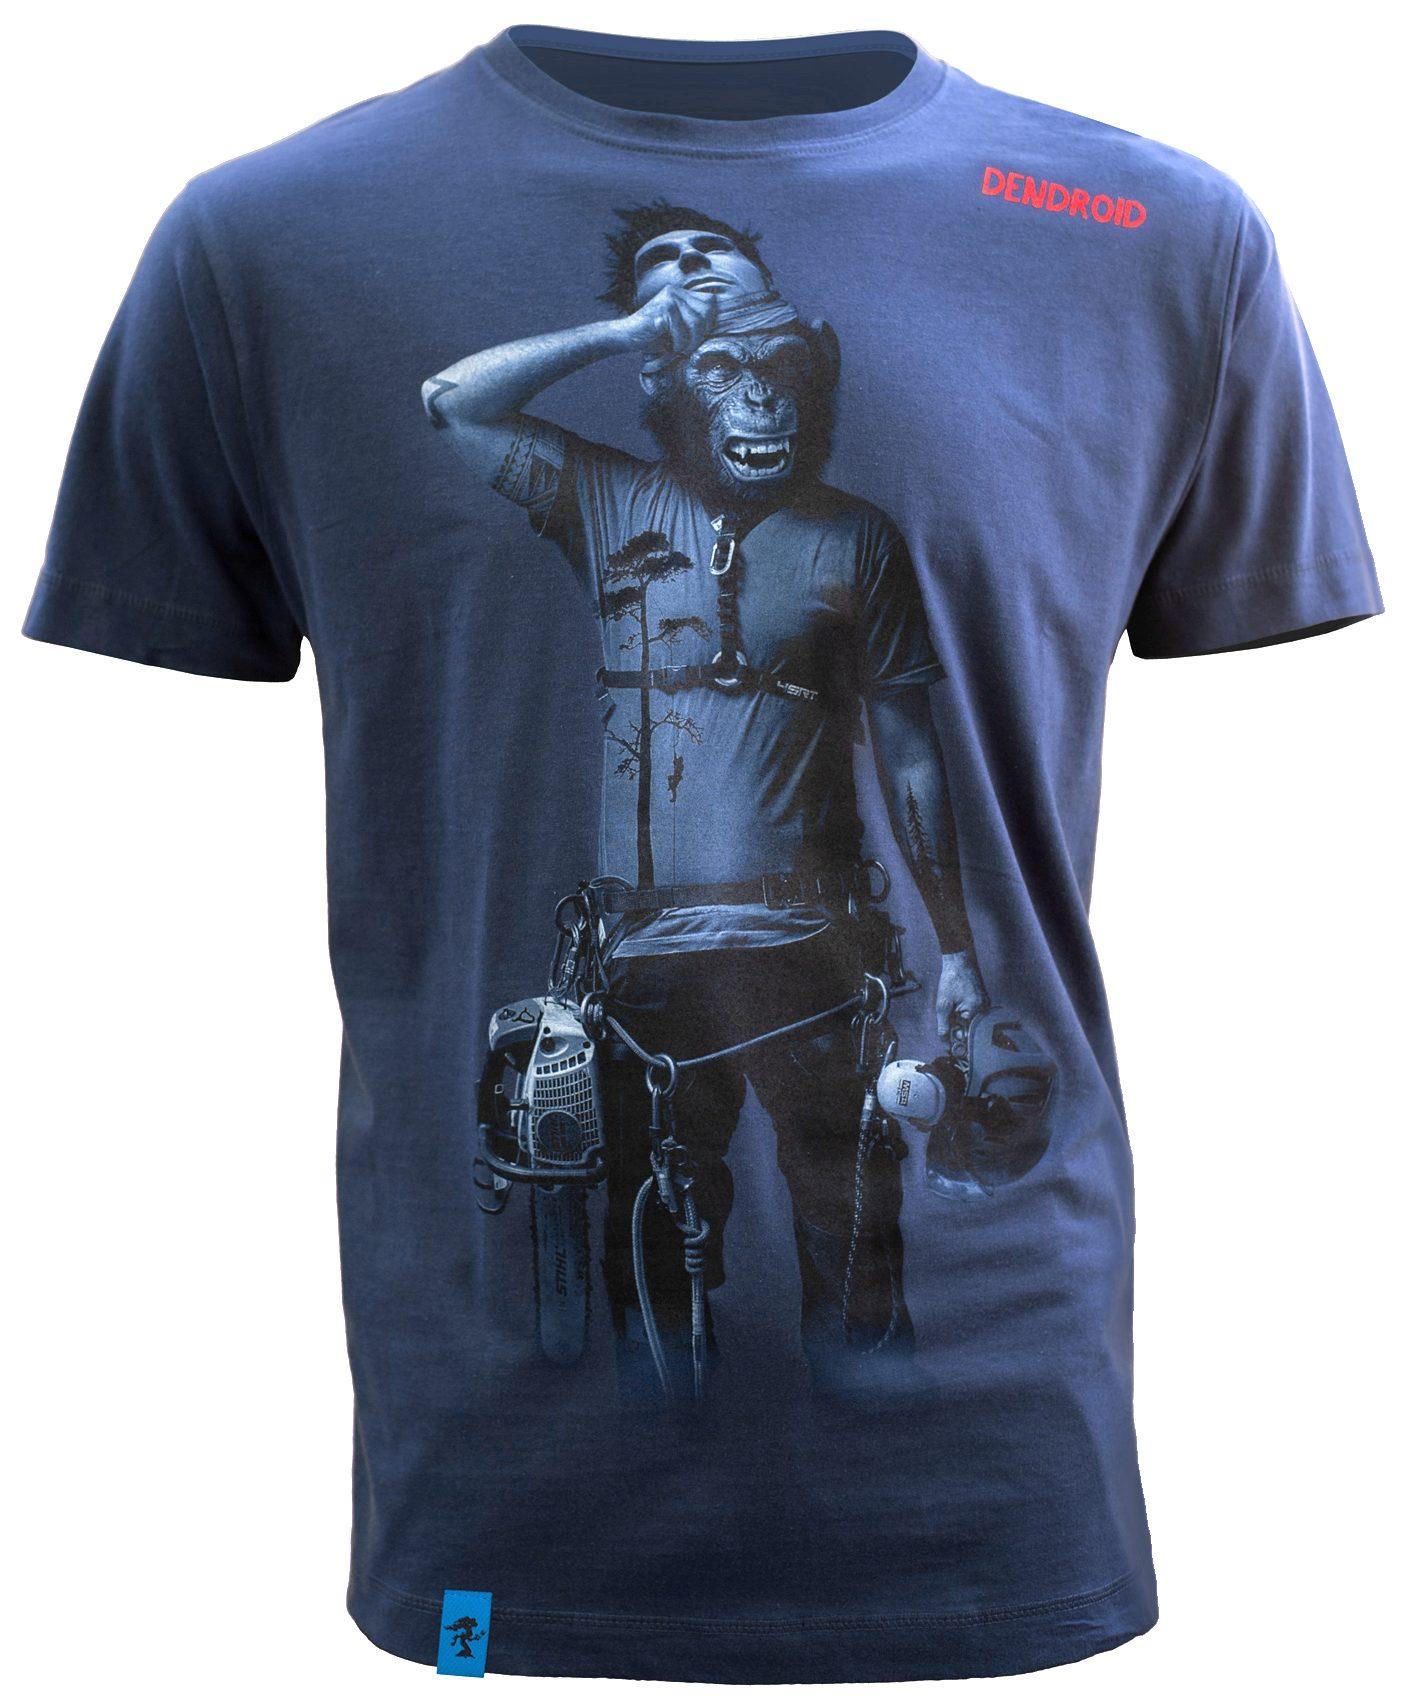 Sprzęt arborystyczny - odzież dla arborystów - Koszulka Dendroid Face-off